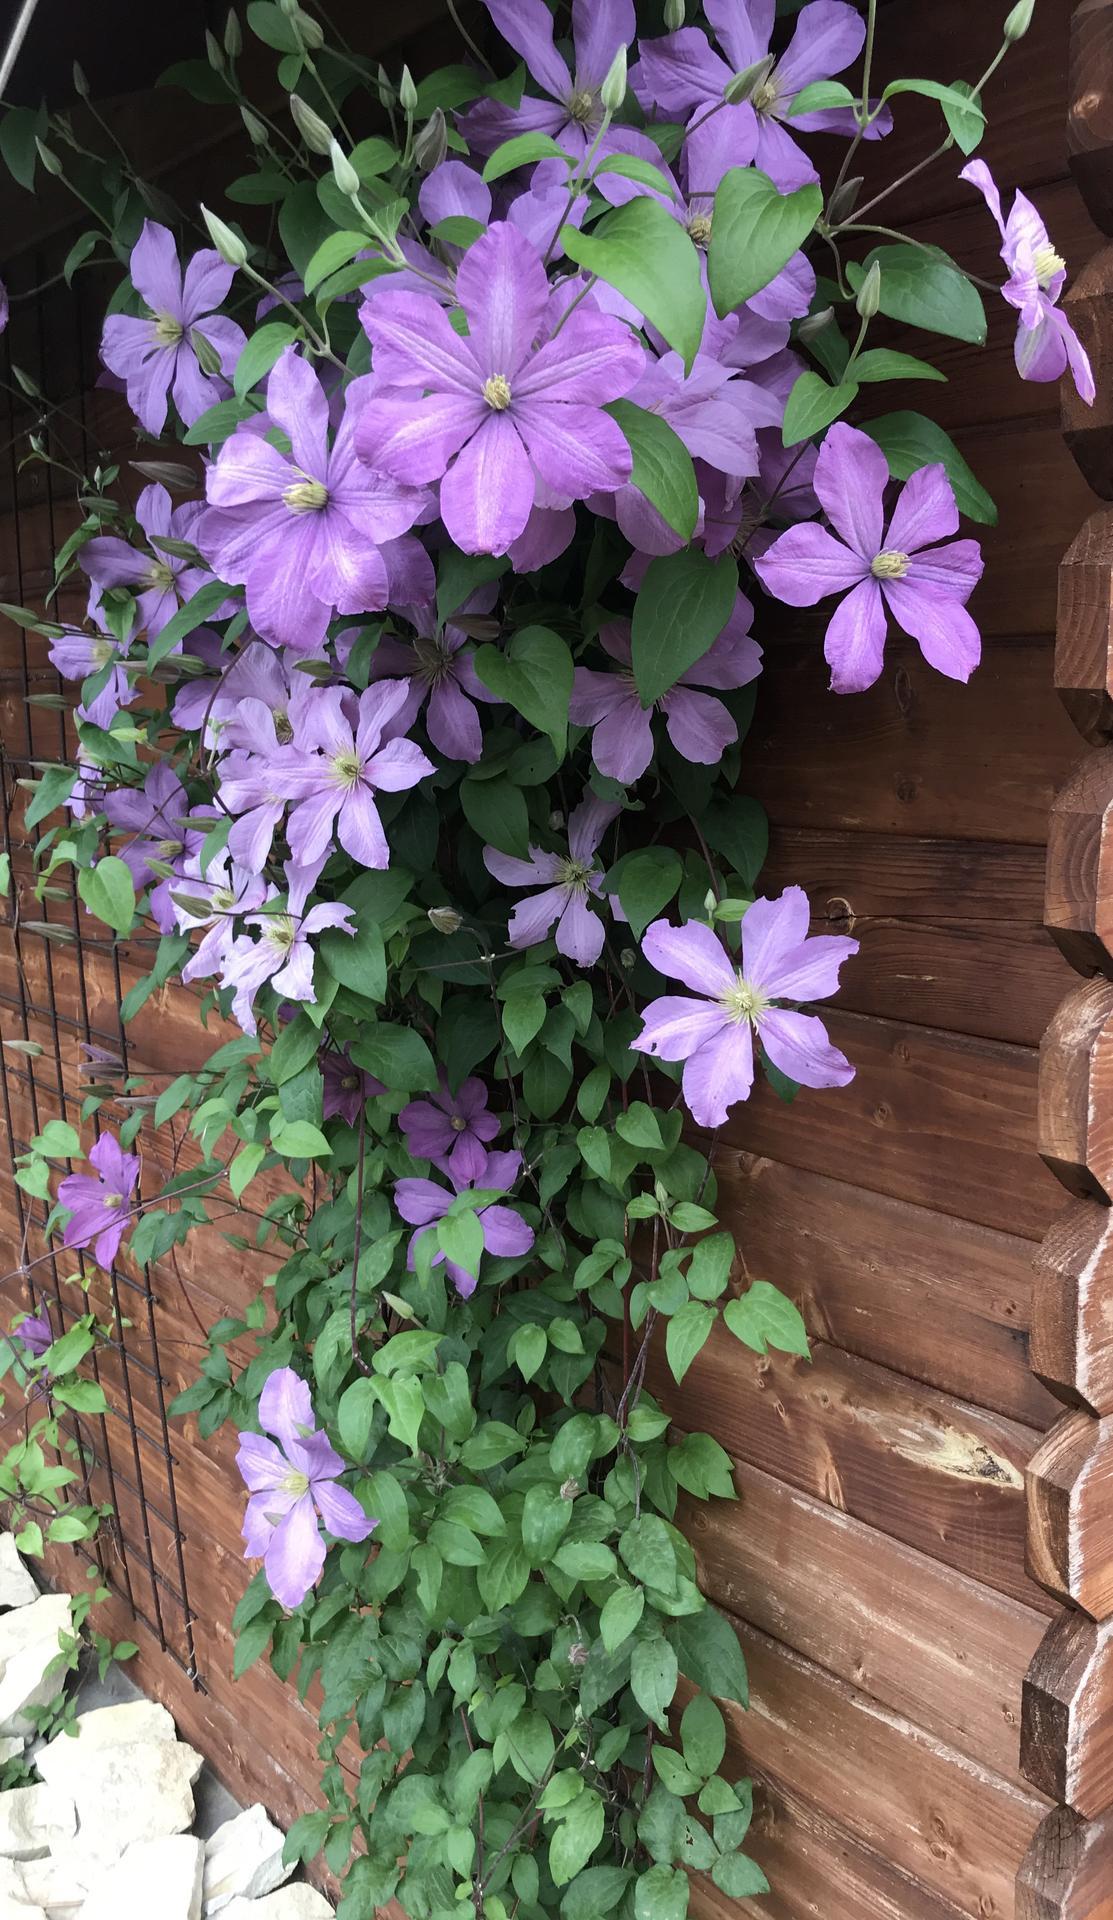 Naše barevná zahrada 🌸 - Koncem srpna jsem ho fikla uplne u zeme - mel padli, neuveritelne znovu obrazil a stihl jeste krasne vykvest 🤗